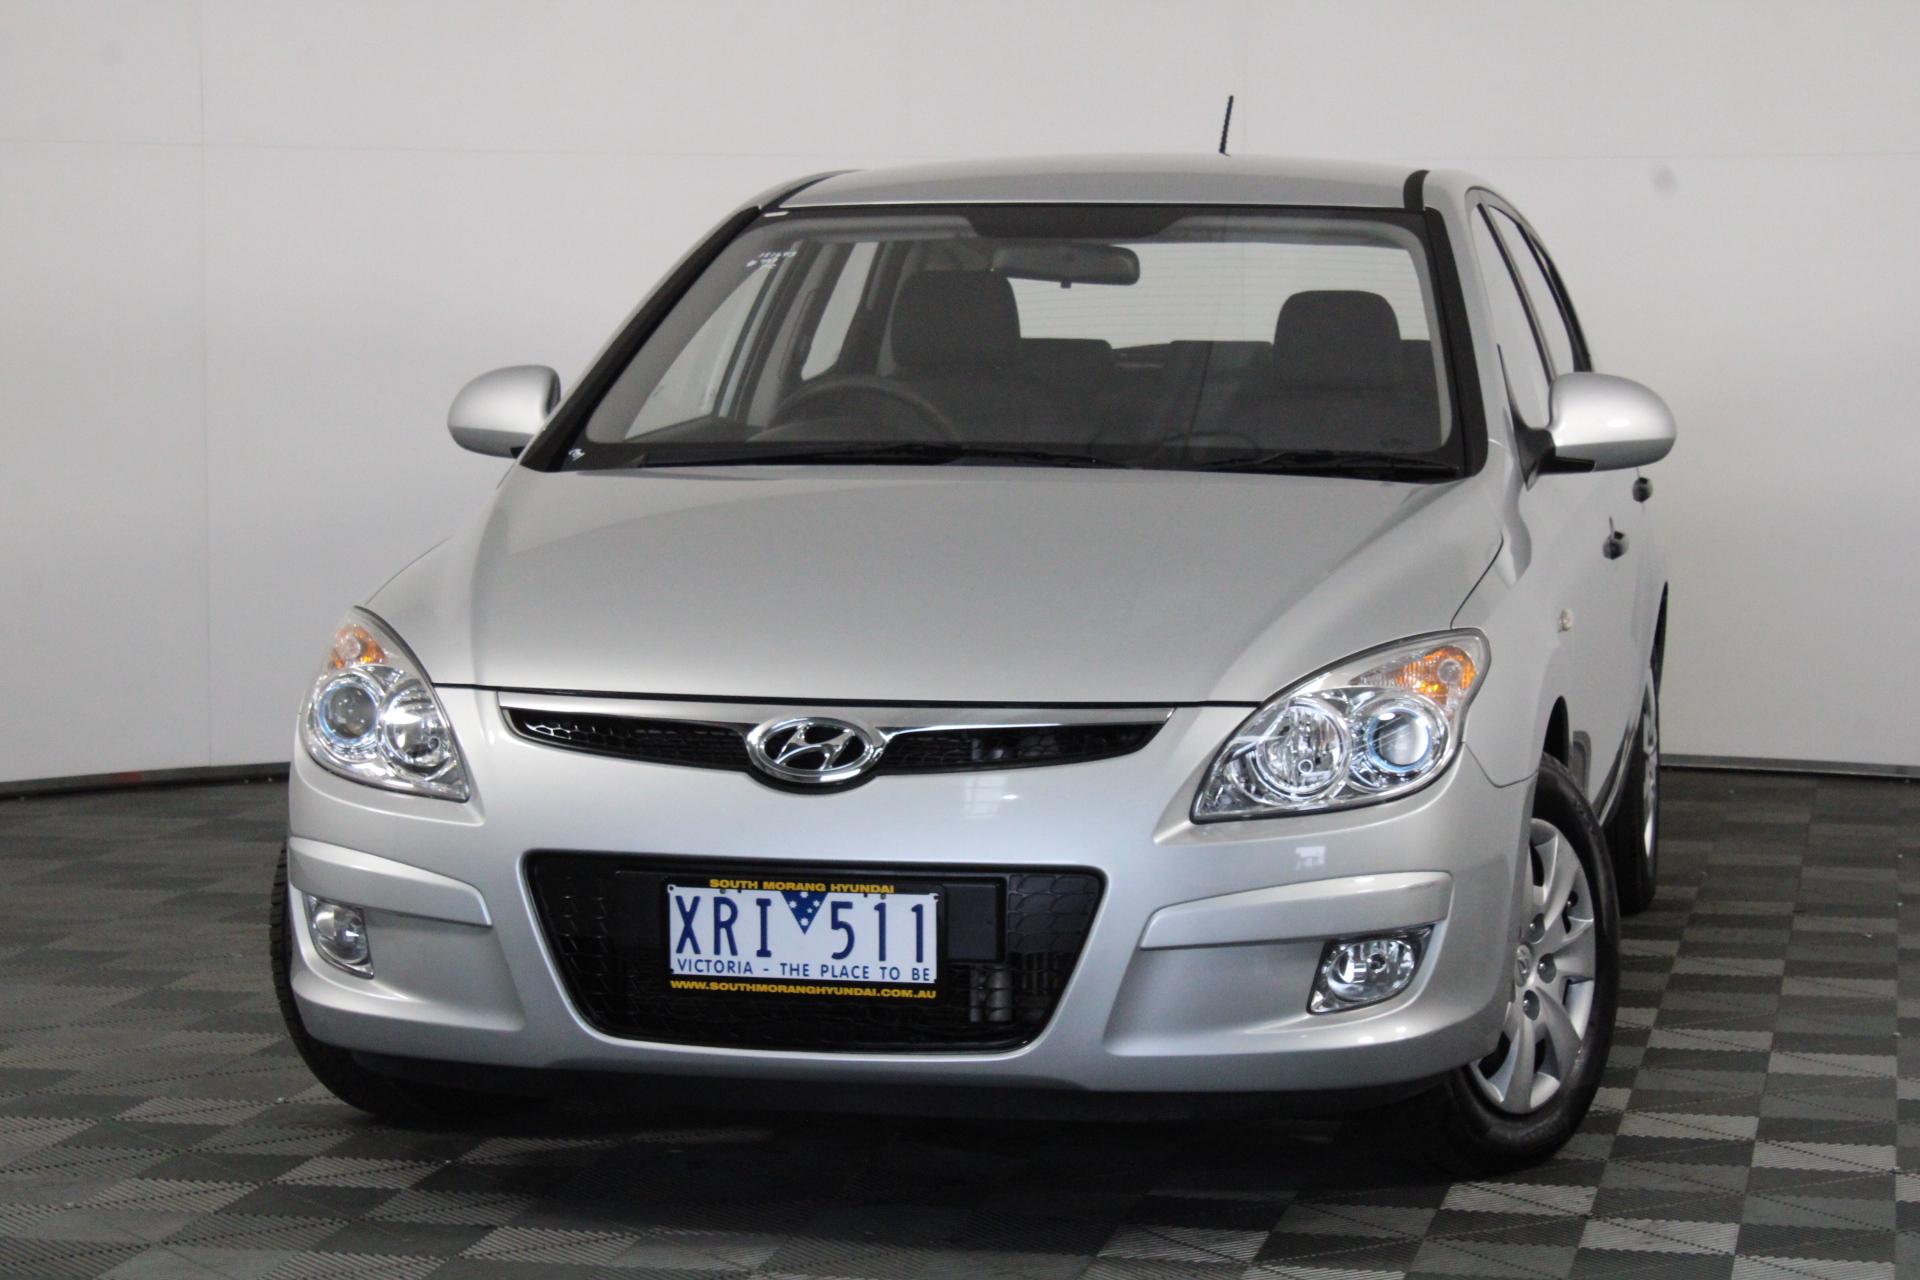 2010 Hyundai i30 SX 1.6 CRDi FD Turbo Diesel Automatic Hatchback